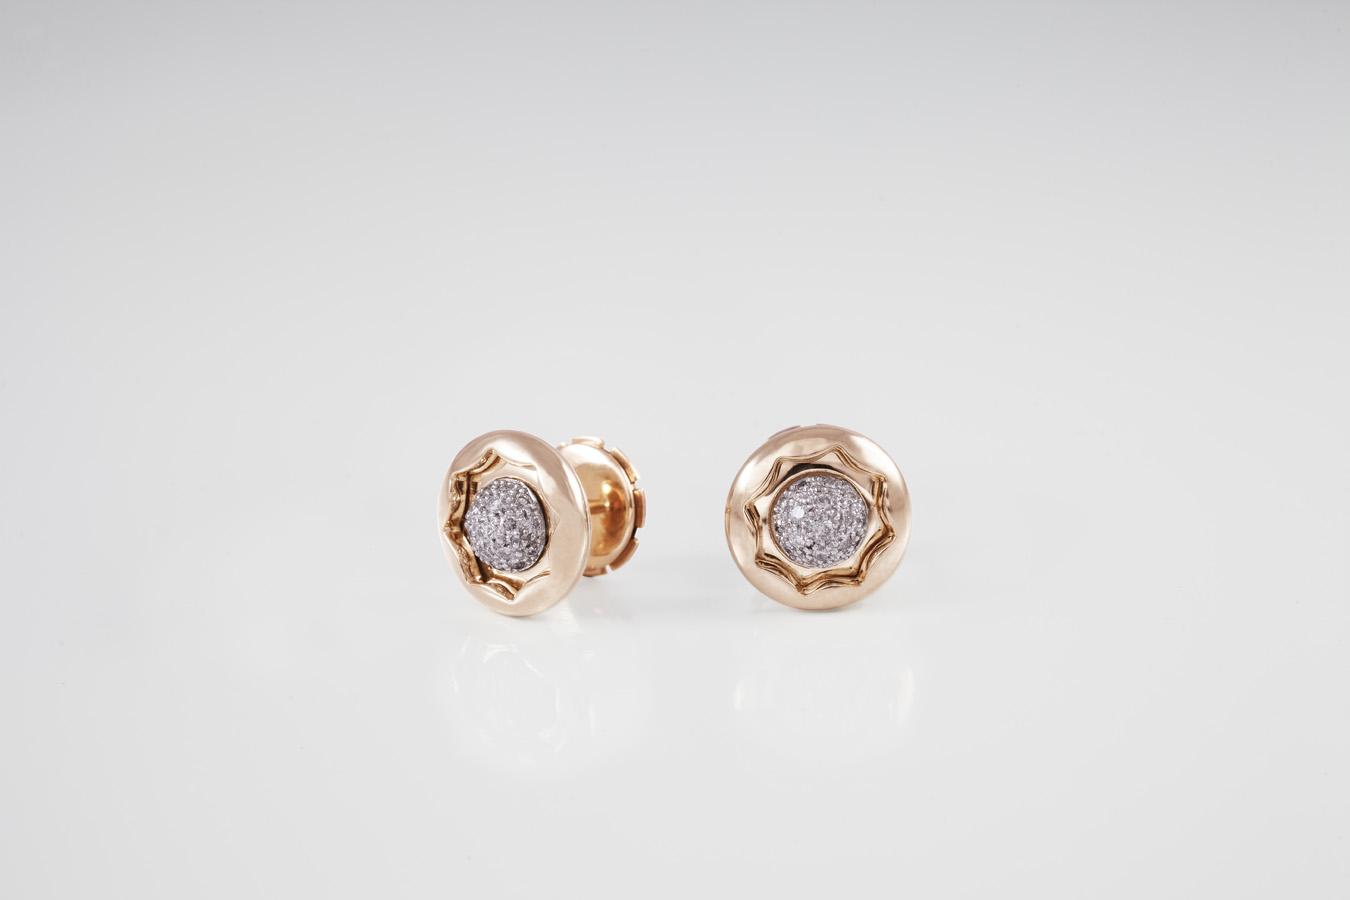 suommo-earrings-girl-rose_3433